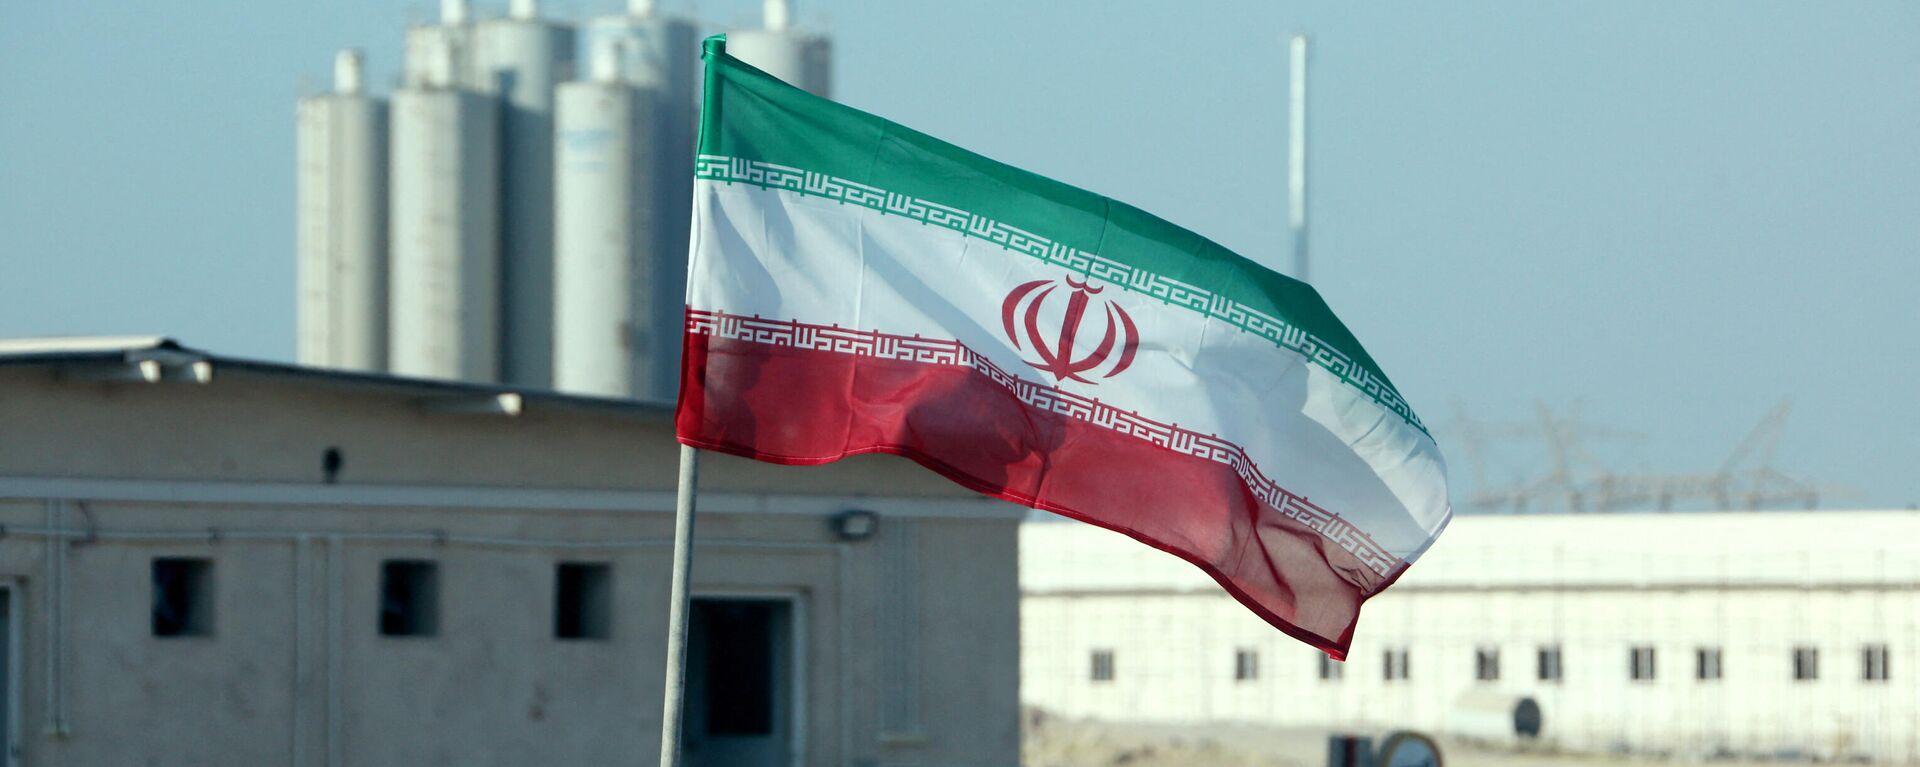 La bandera de Irán frente a una planta nuclear (archivo) - Sputnik Mundo, 1920, 10.09.2021